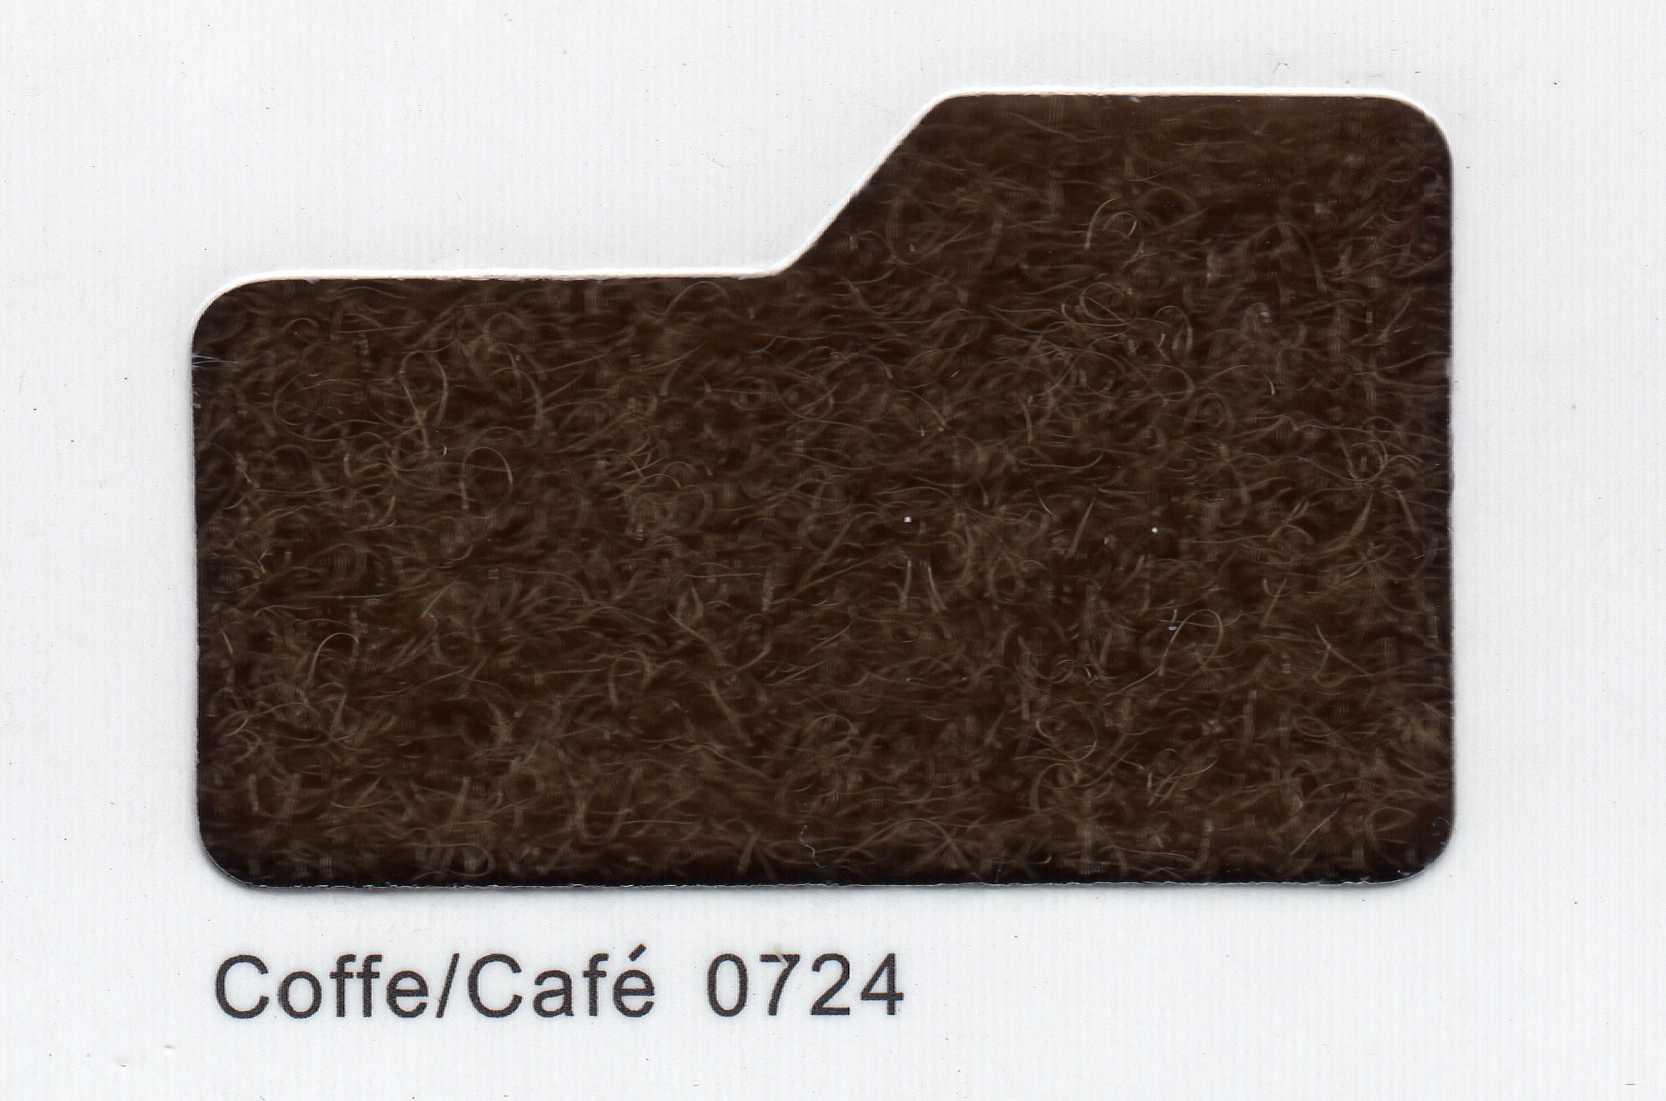 Cinta de cierre Velcro-Veraco 100mm Café 0724 (Gancho).